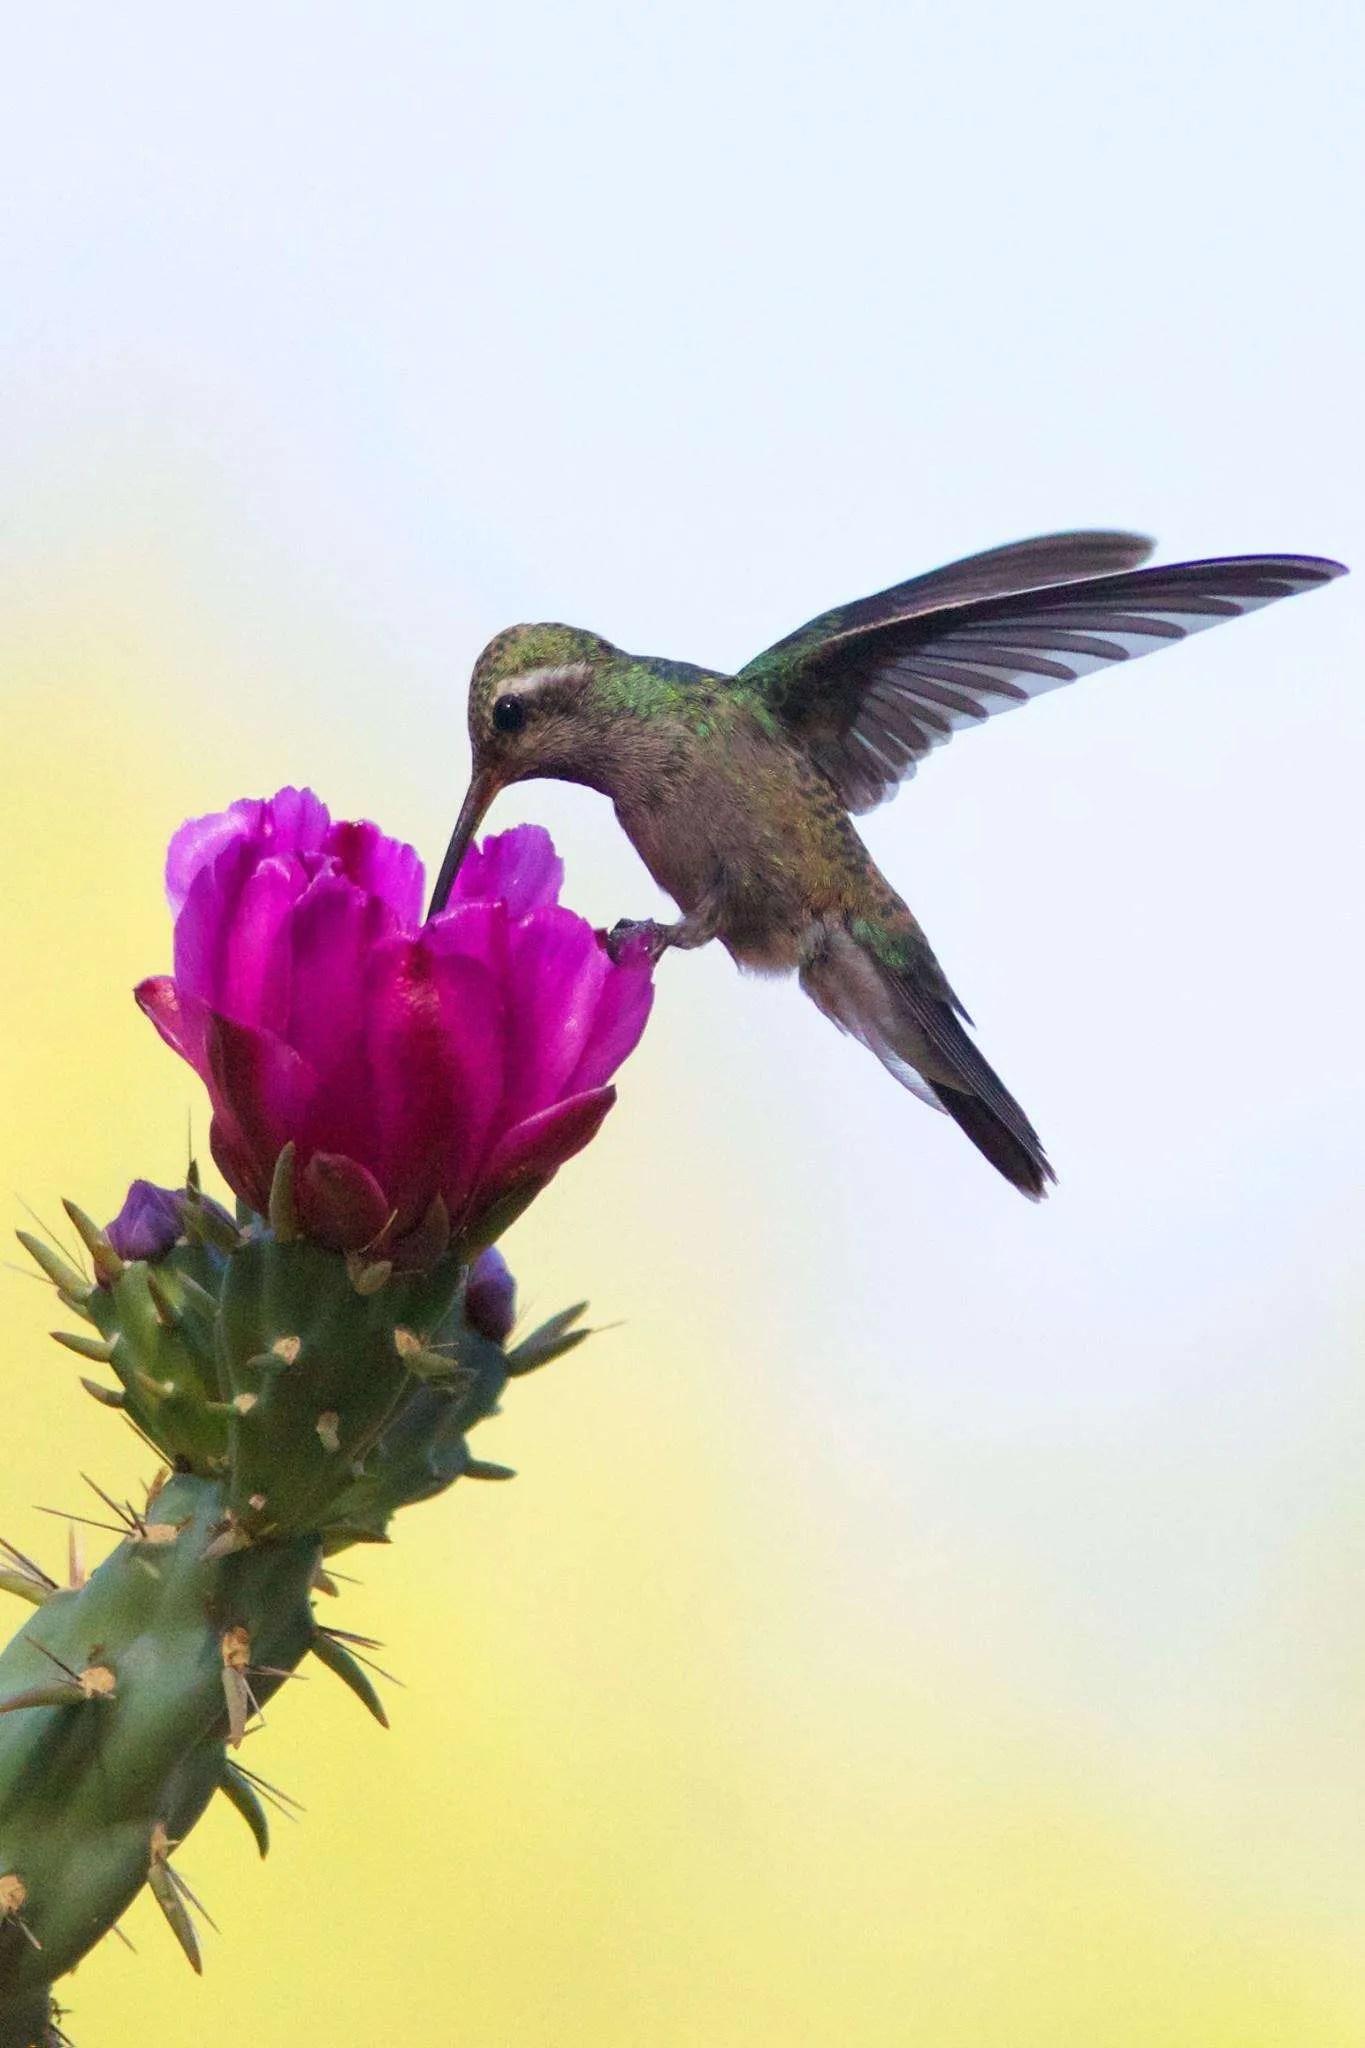 Broad-billed Hummingbird